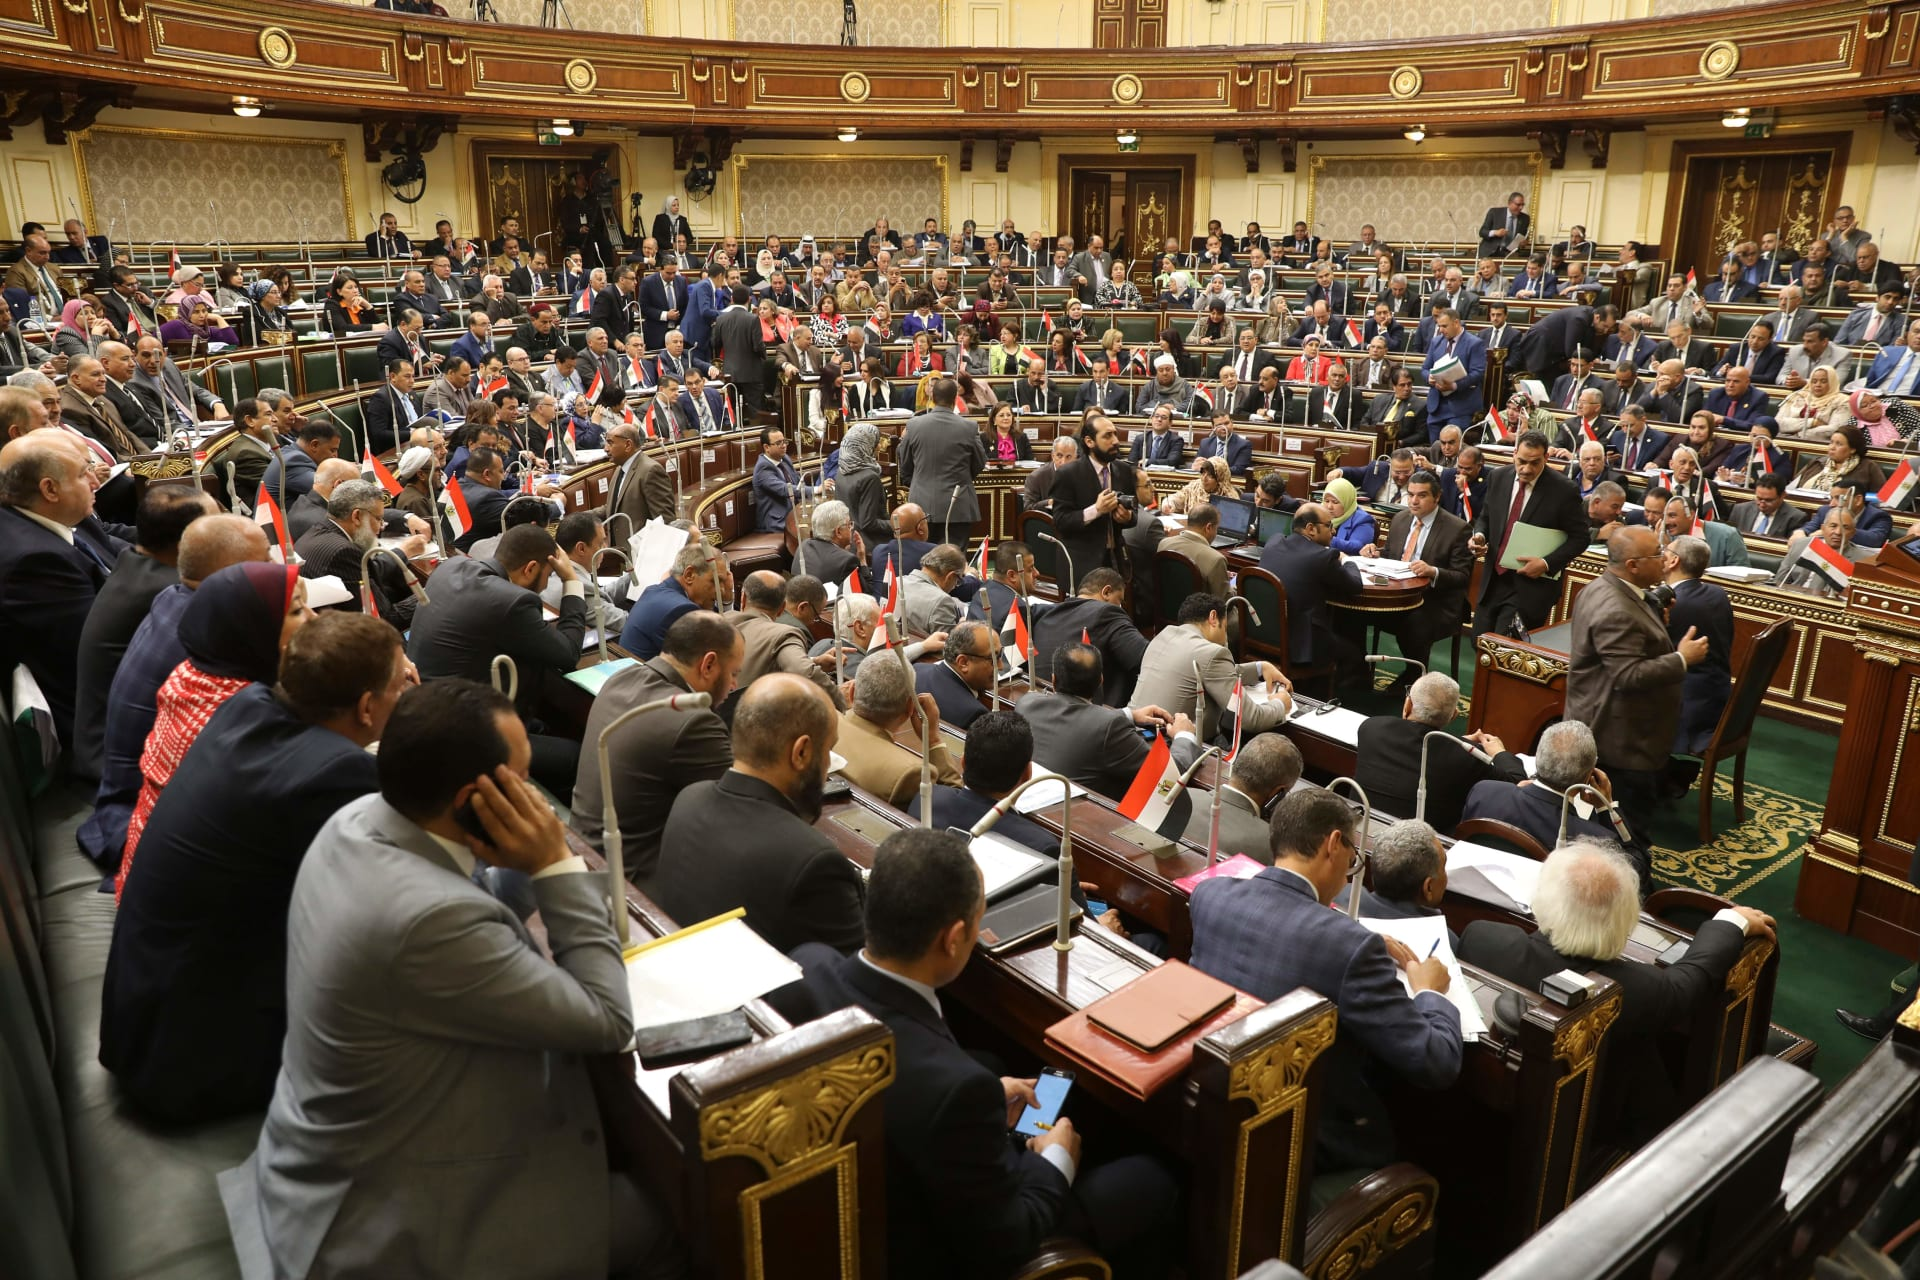 النواب المصري: جلسة سرية بشأن تفويض السيسي لإرسال قوات إلى ليبيا